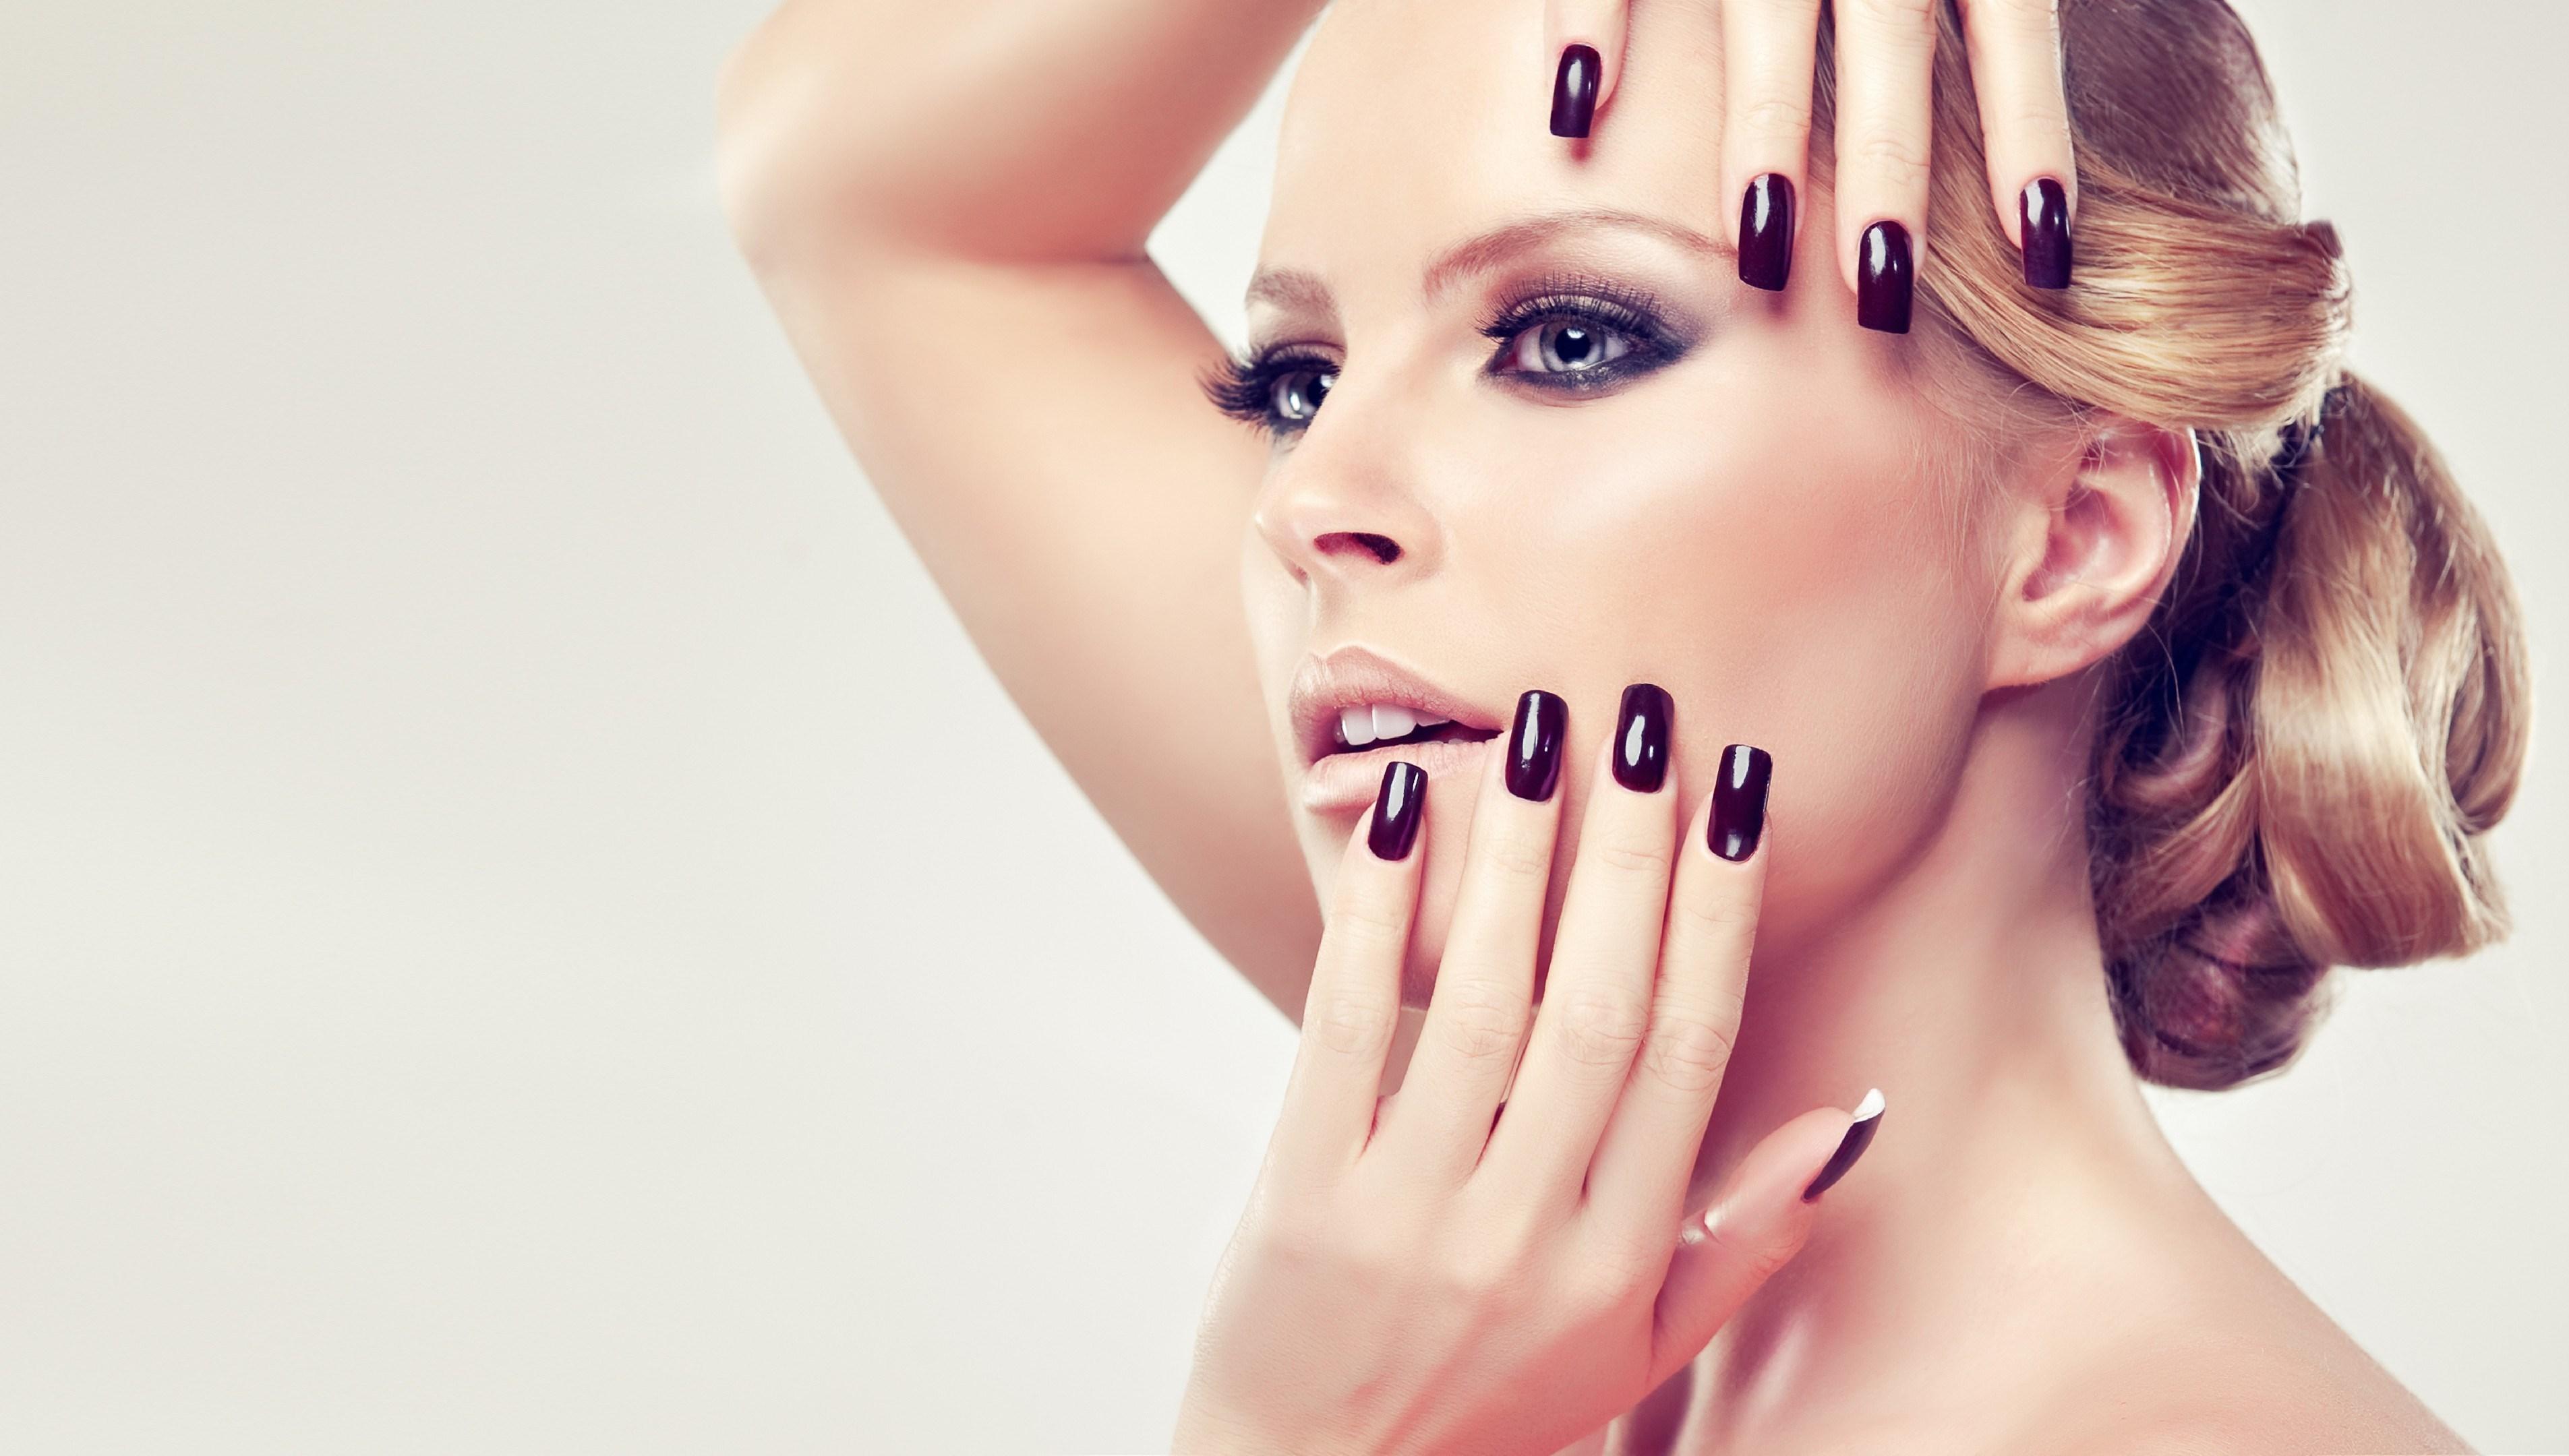 красивые картинки для ногтевого сервиса лучшие обои для